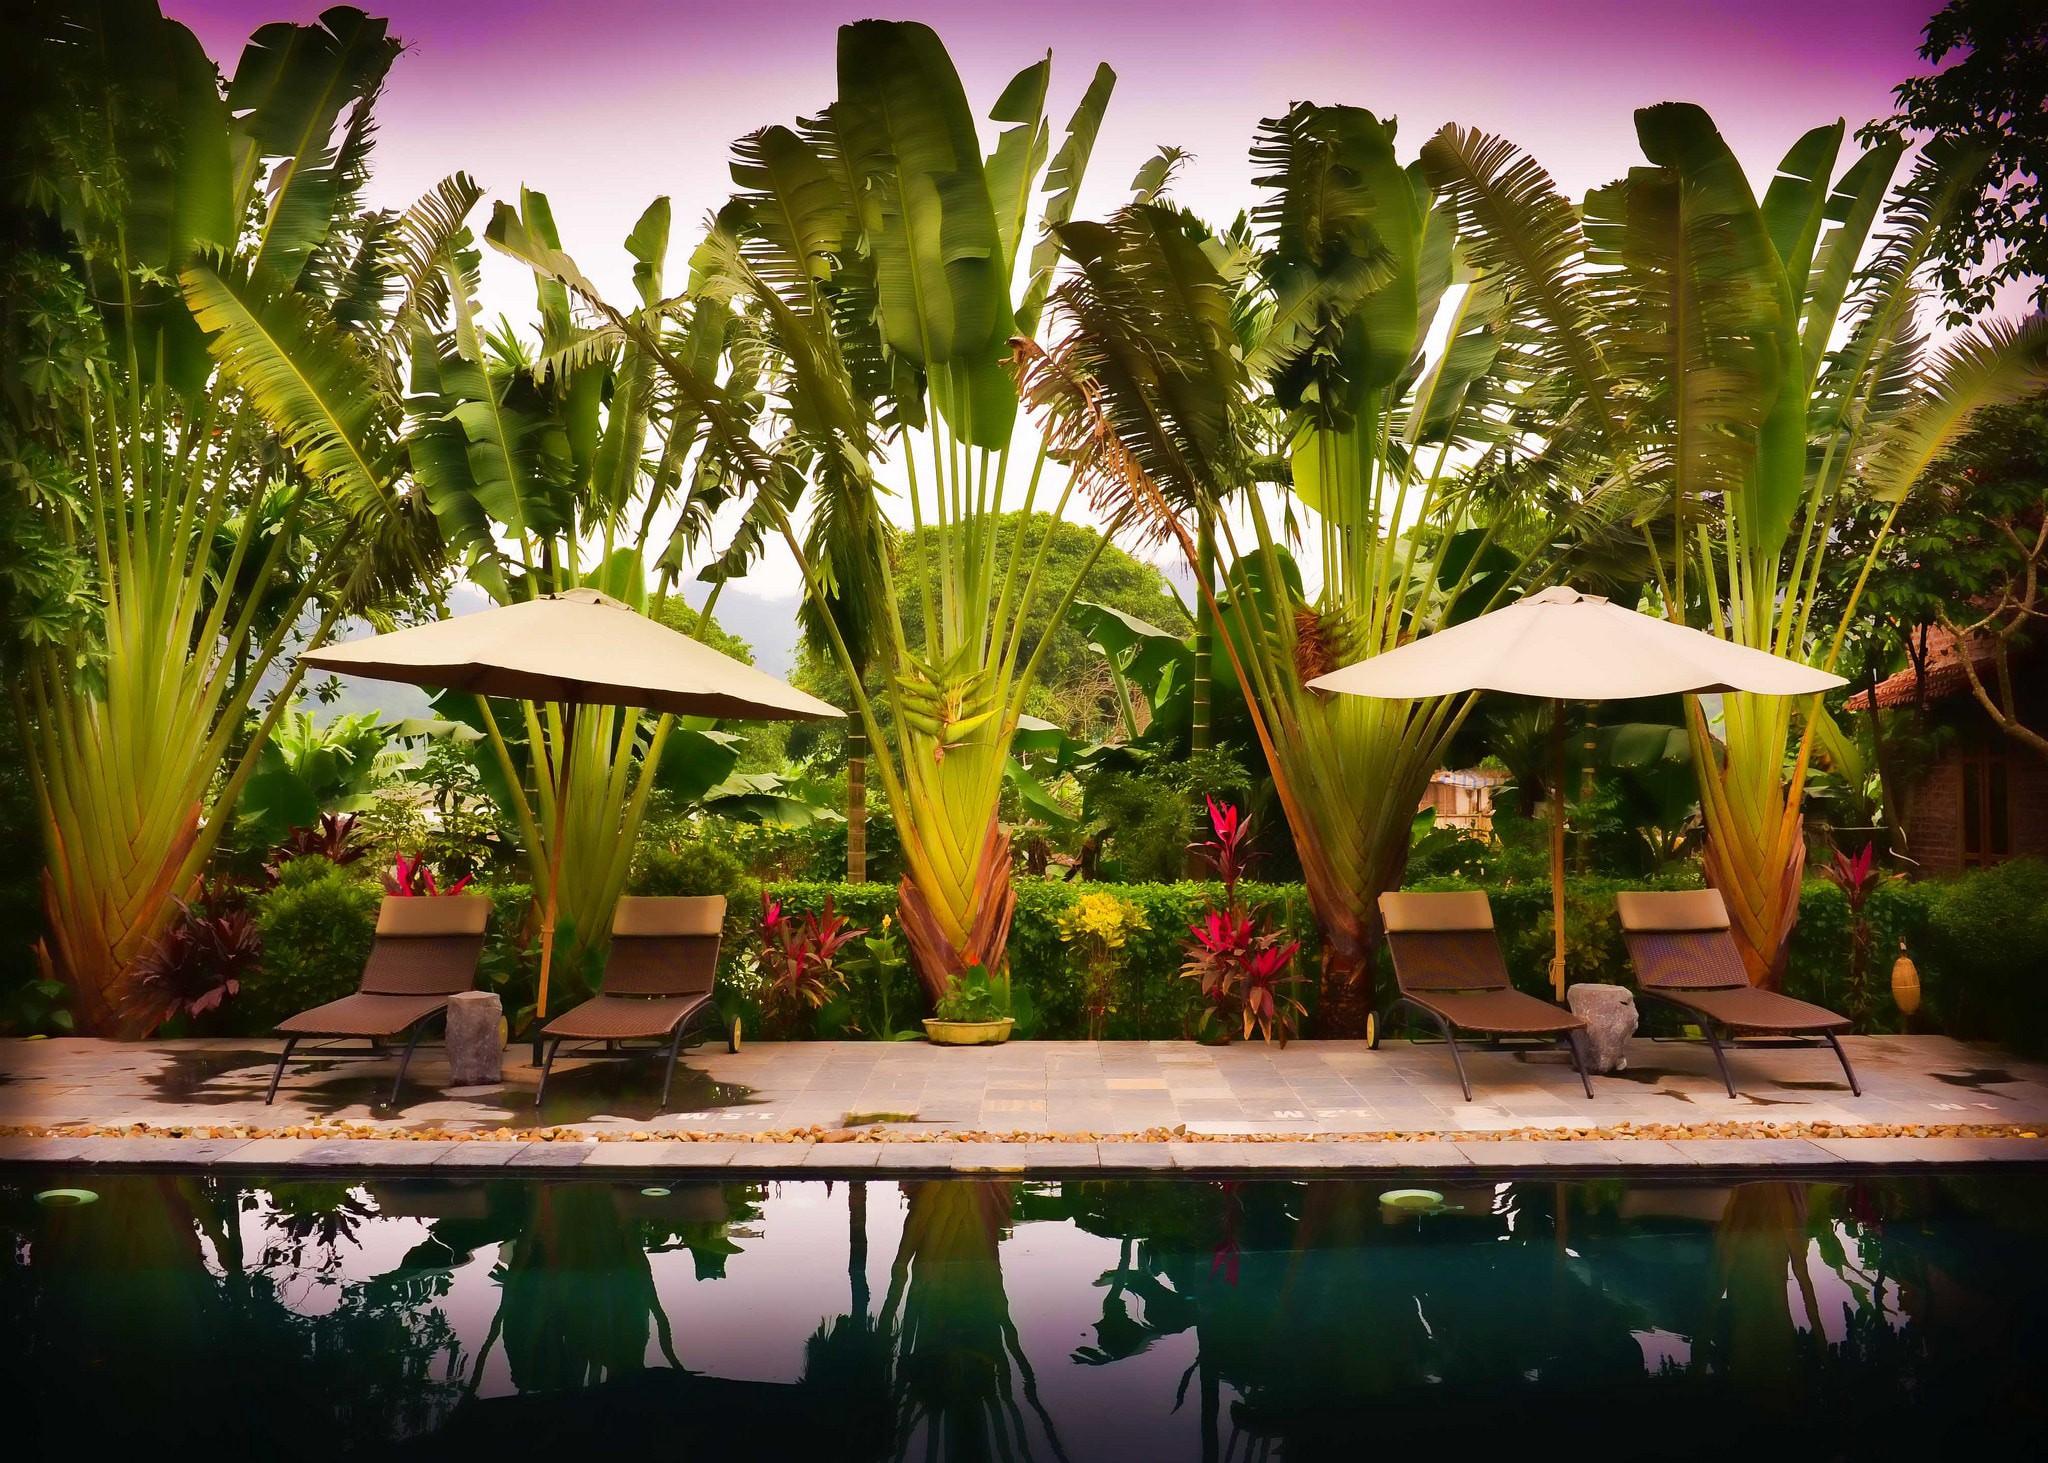 Vietnamese style pool   © Neville Wootton/Flickr